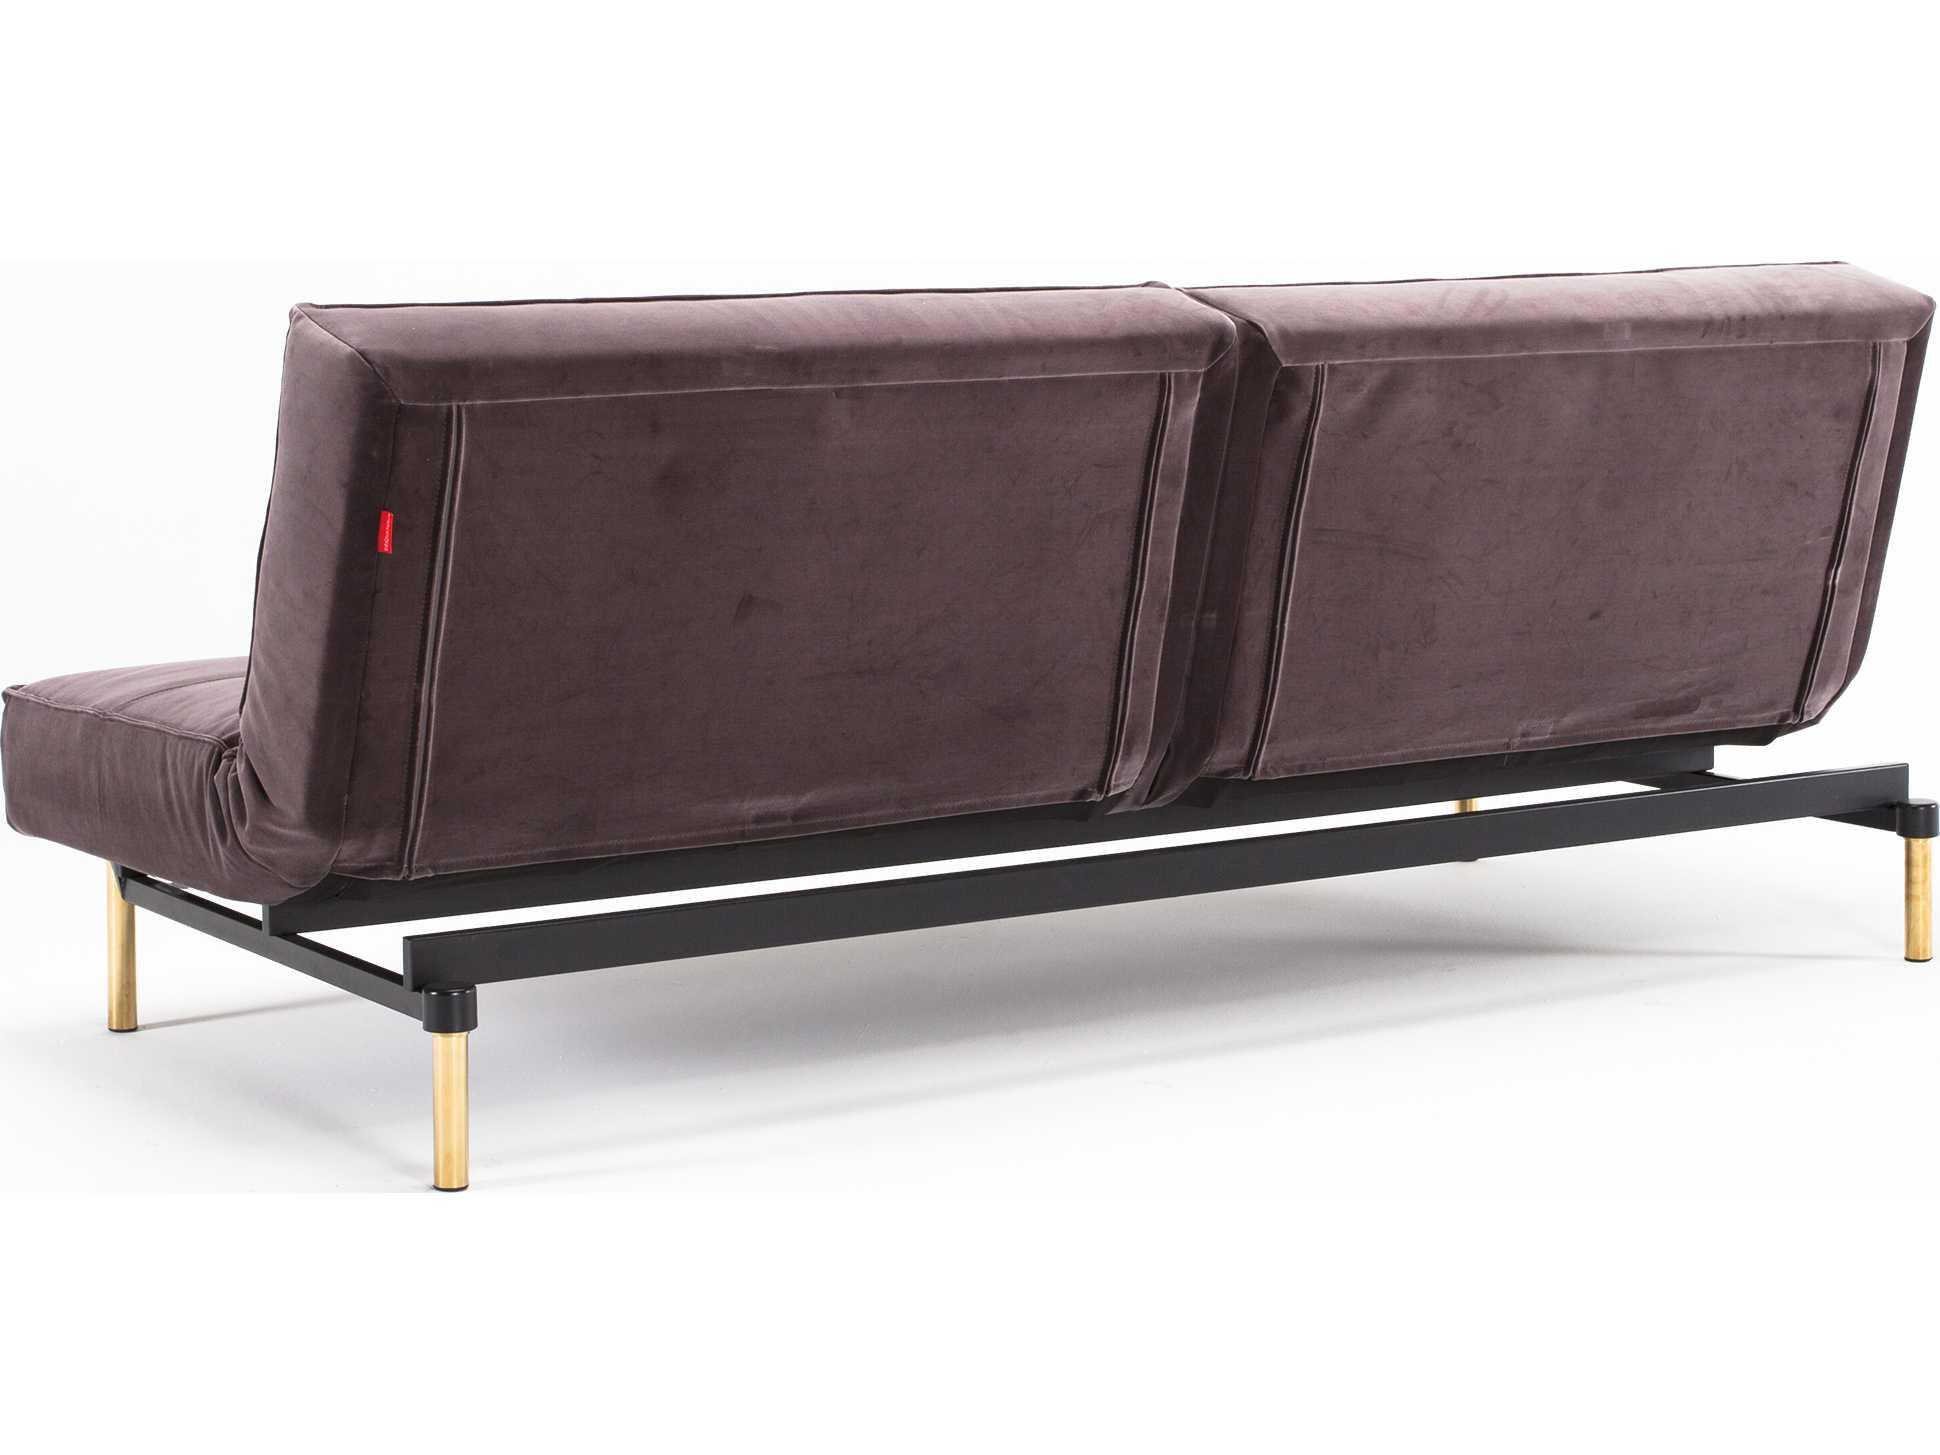 innovation split back brass leg sofa bed iv947410101372. Black Bedroom Furniture Sets. Home Design Ideas